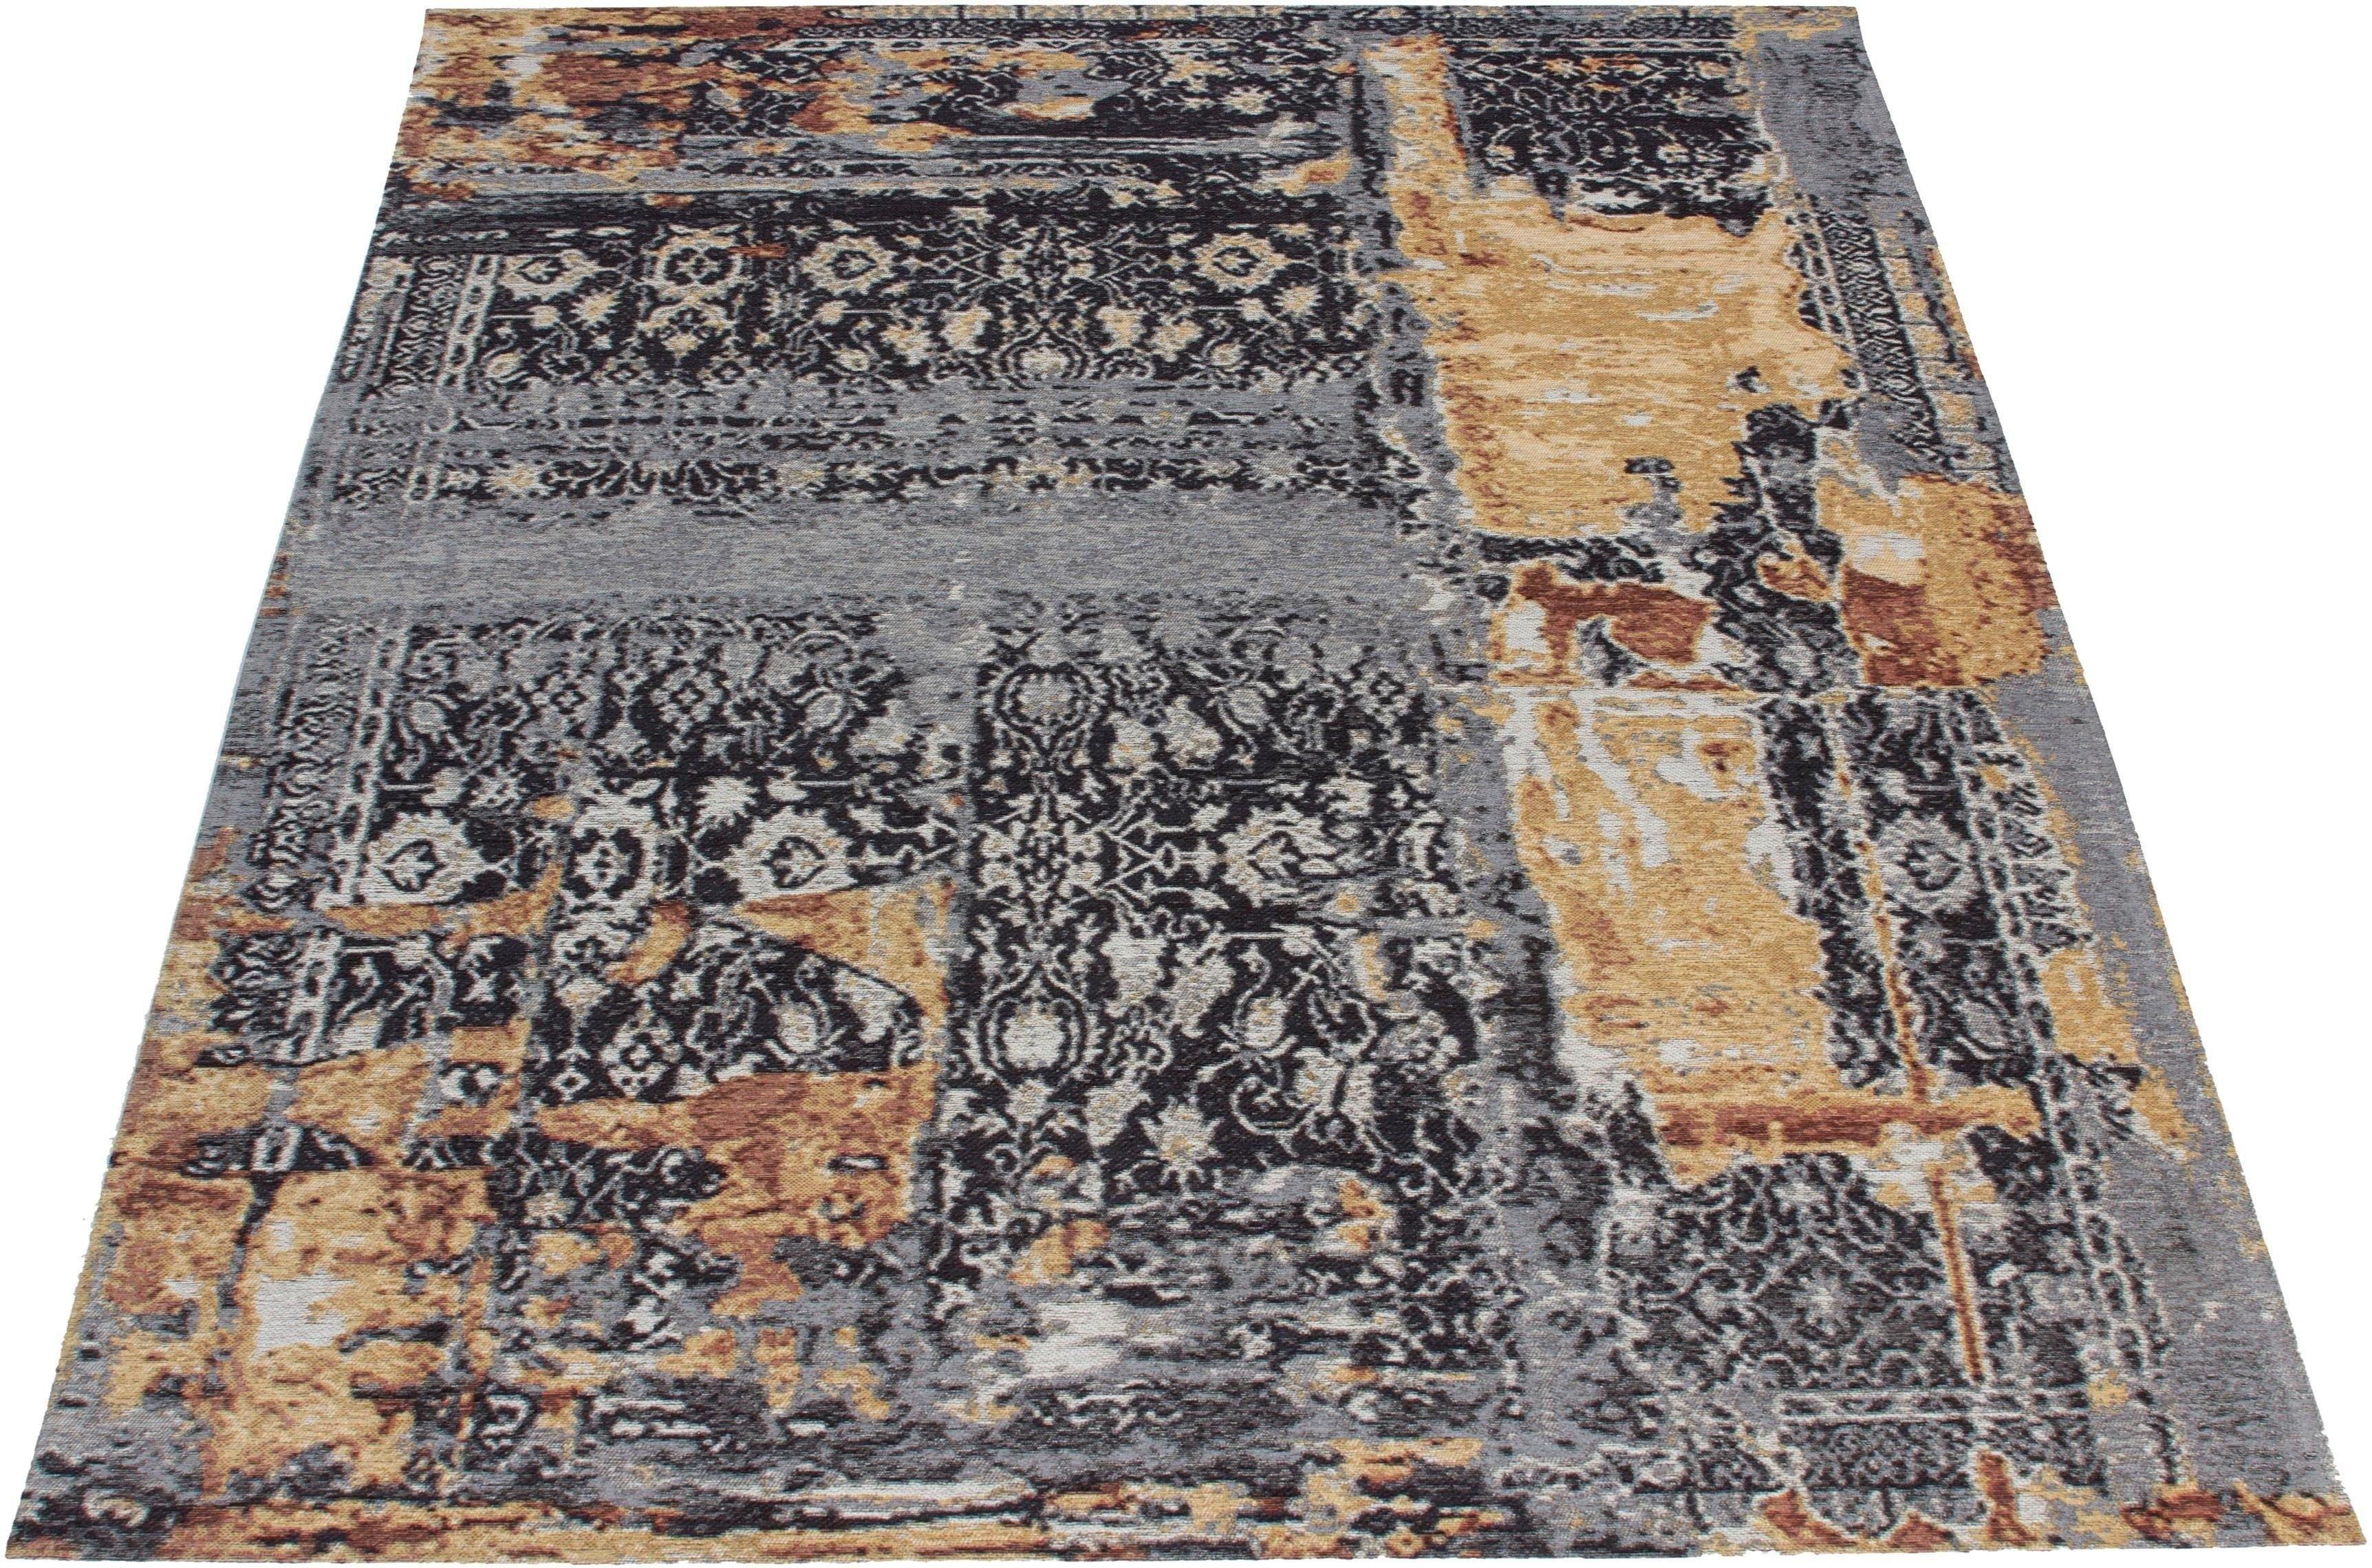 DELAVITA vloerkleed Cara Vintage-design, woonkamer nu online bestellen